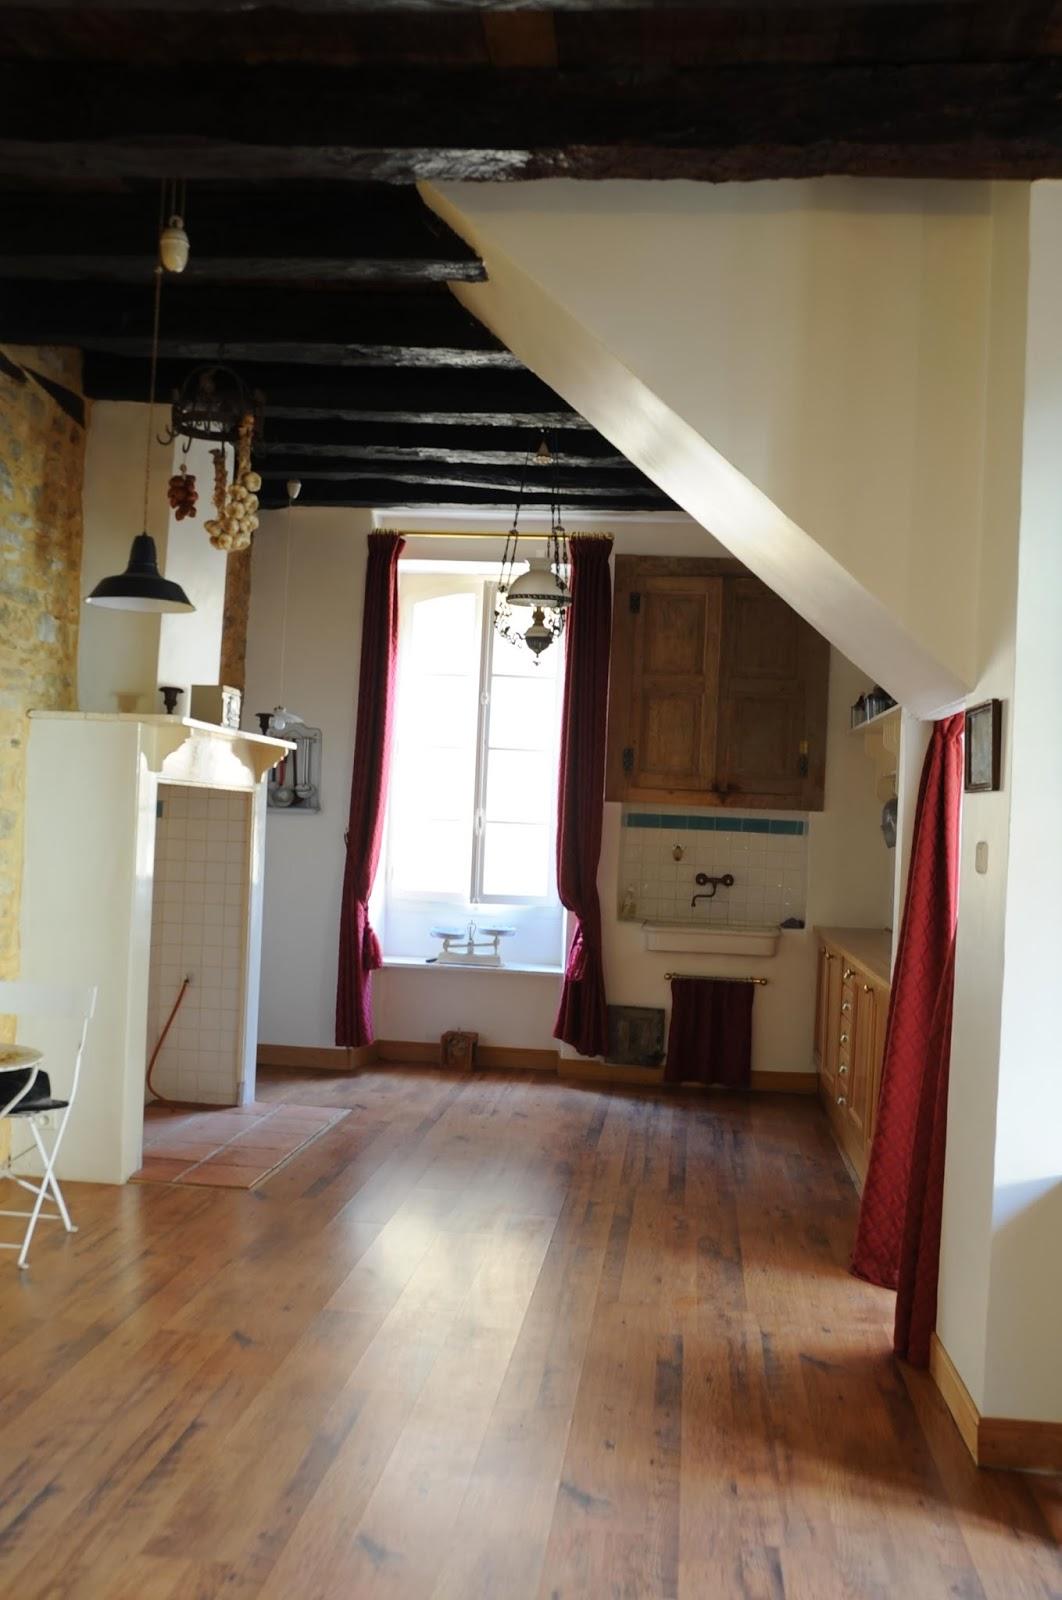 Hoekkast Keuken Boven : living met open keuken, een bureau, een slaapkamer en een badkamer